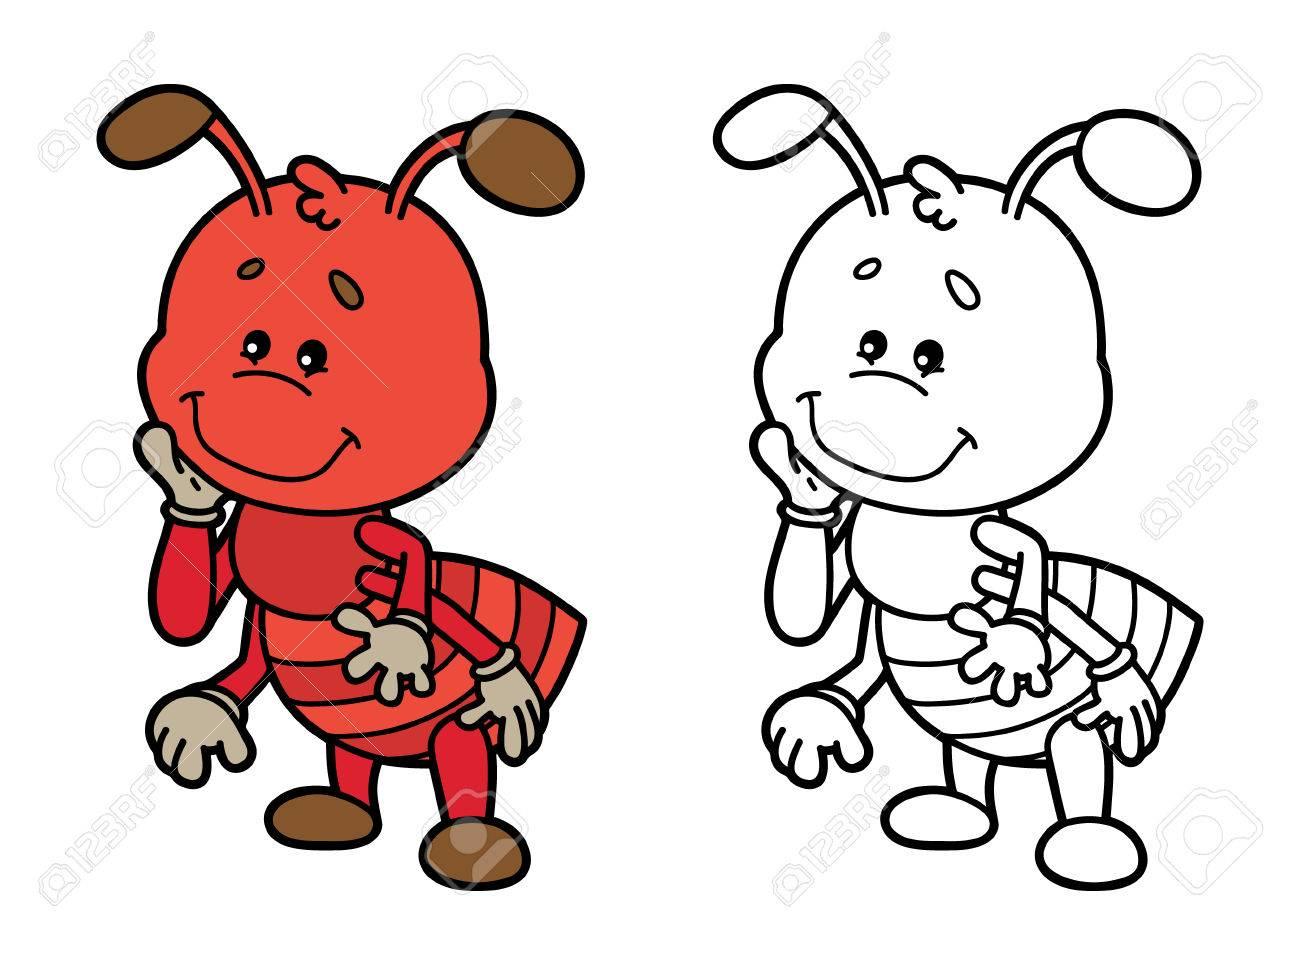 Hormiga Divertida. Página Para Colorear Ilustración De Feliz Hormiga ...